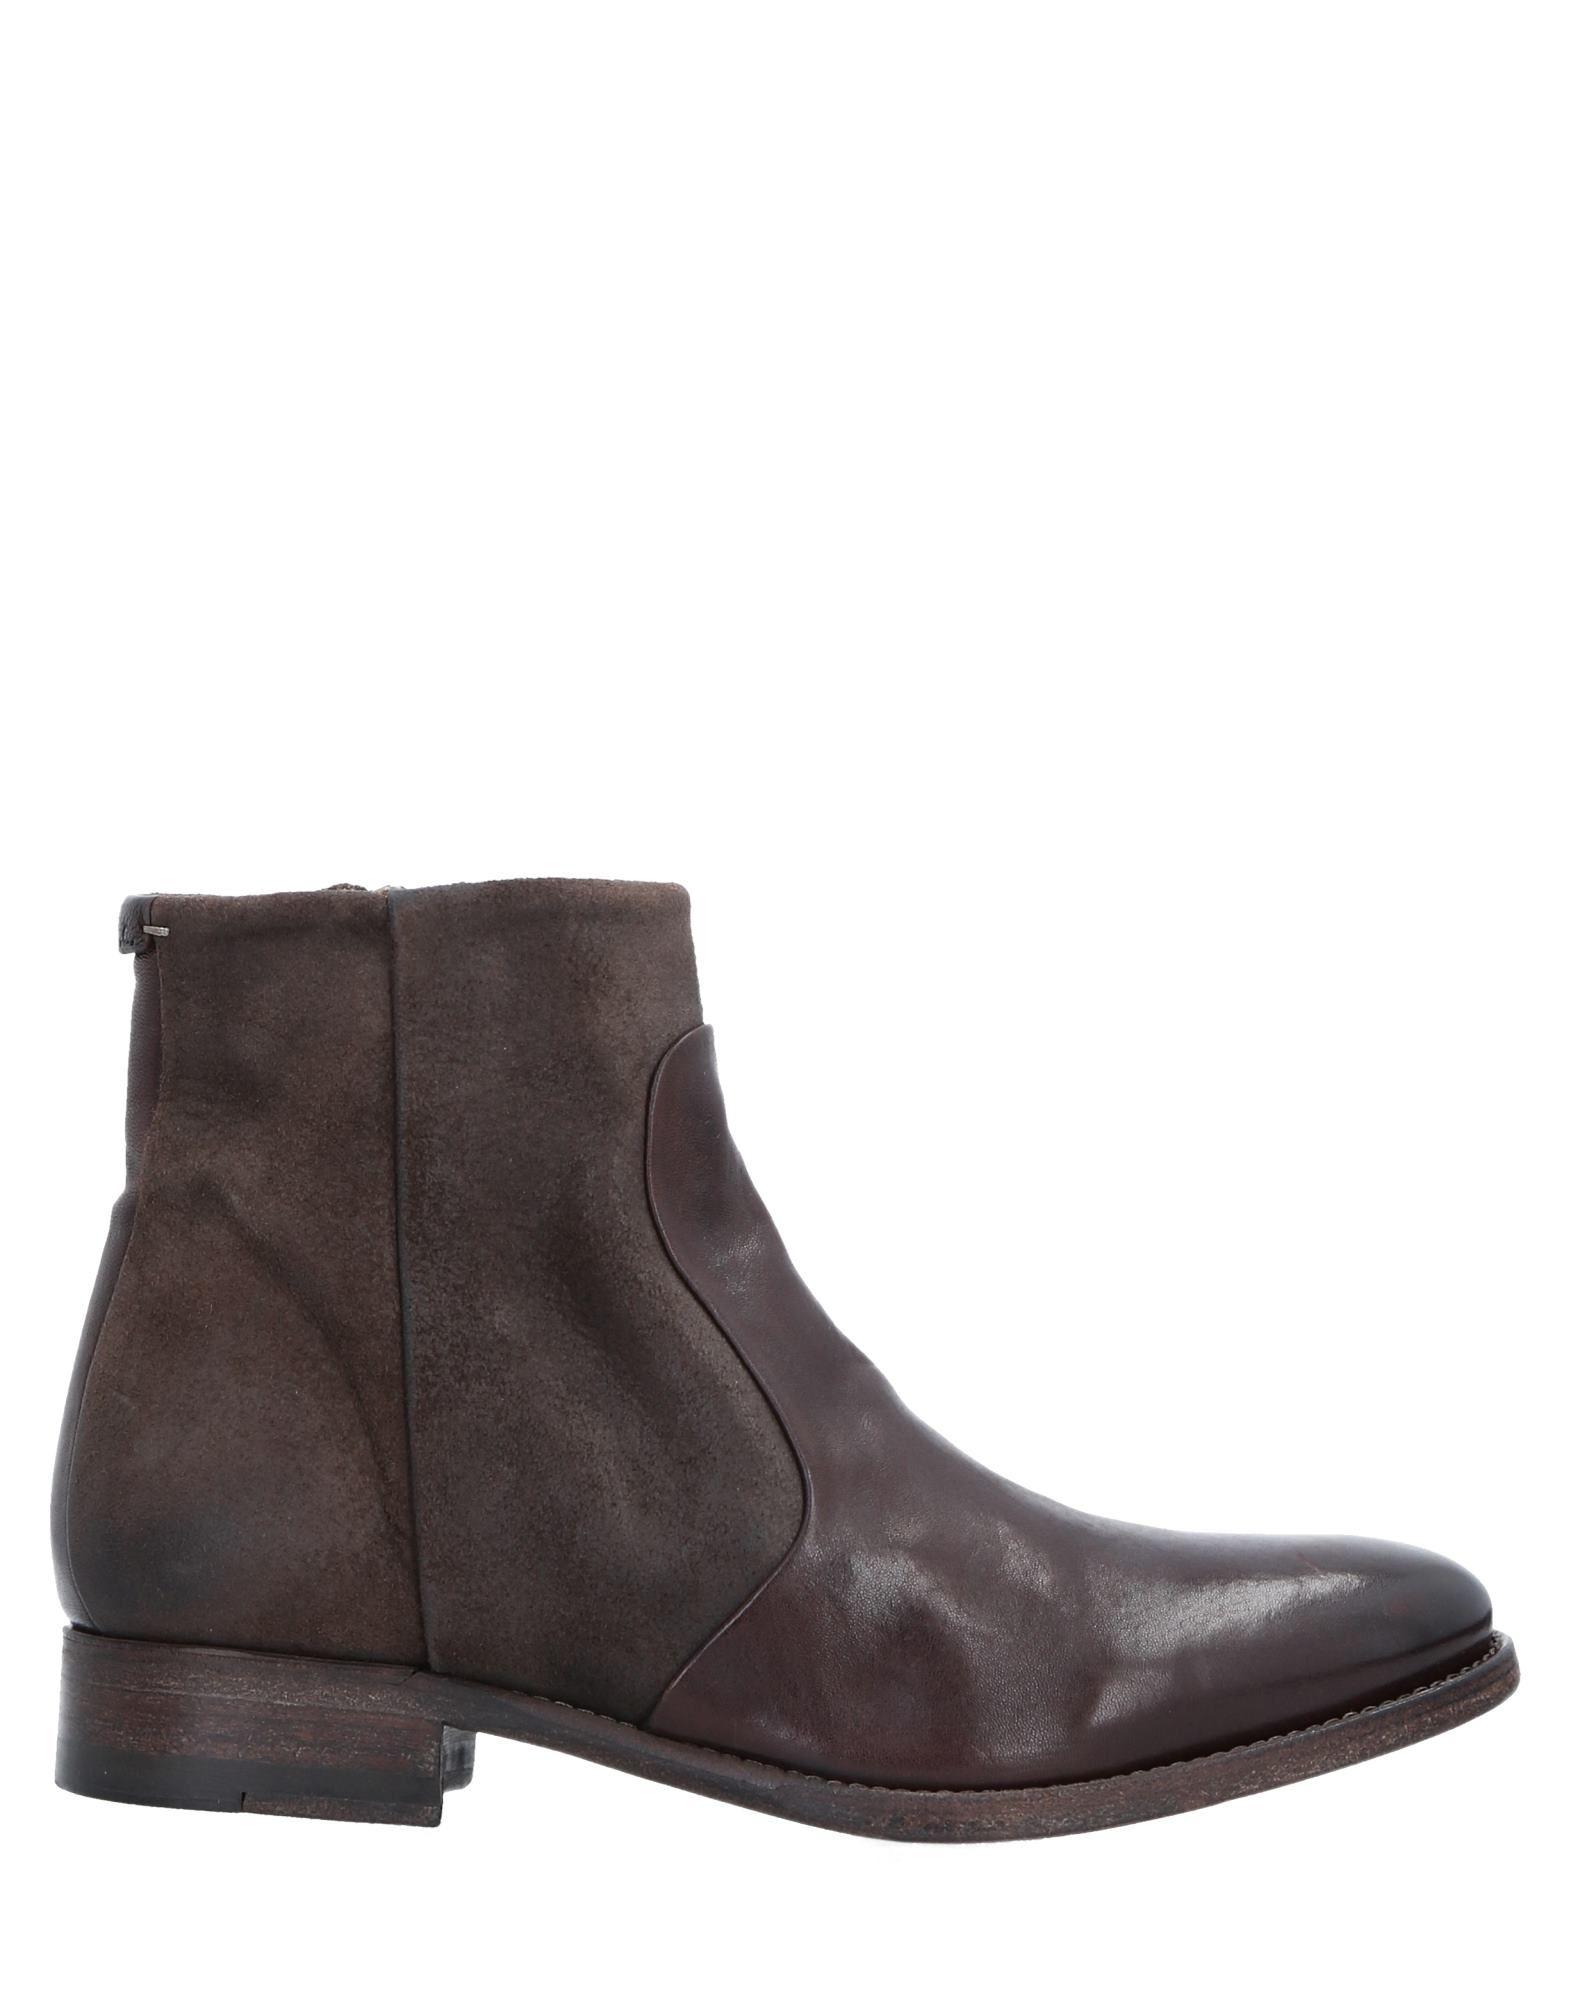 N.D.C. Made By Hand Stiefelette Damen  11517366MOGut aussehende strapazierfähige Schuhe